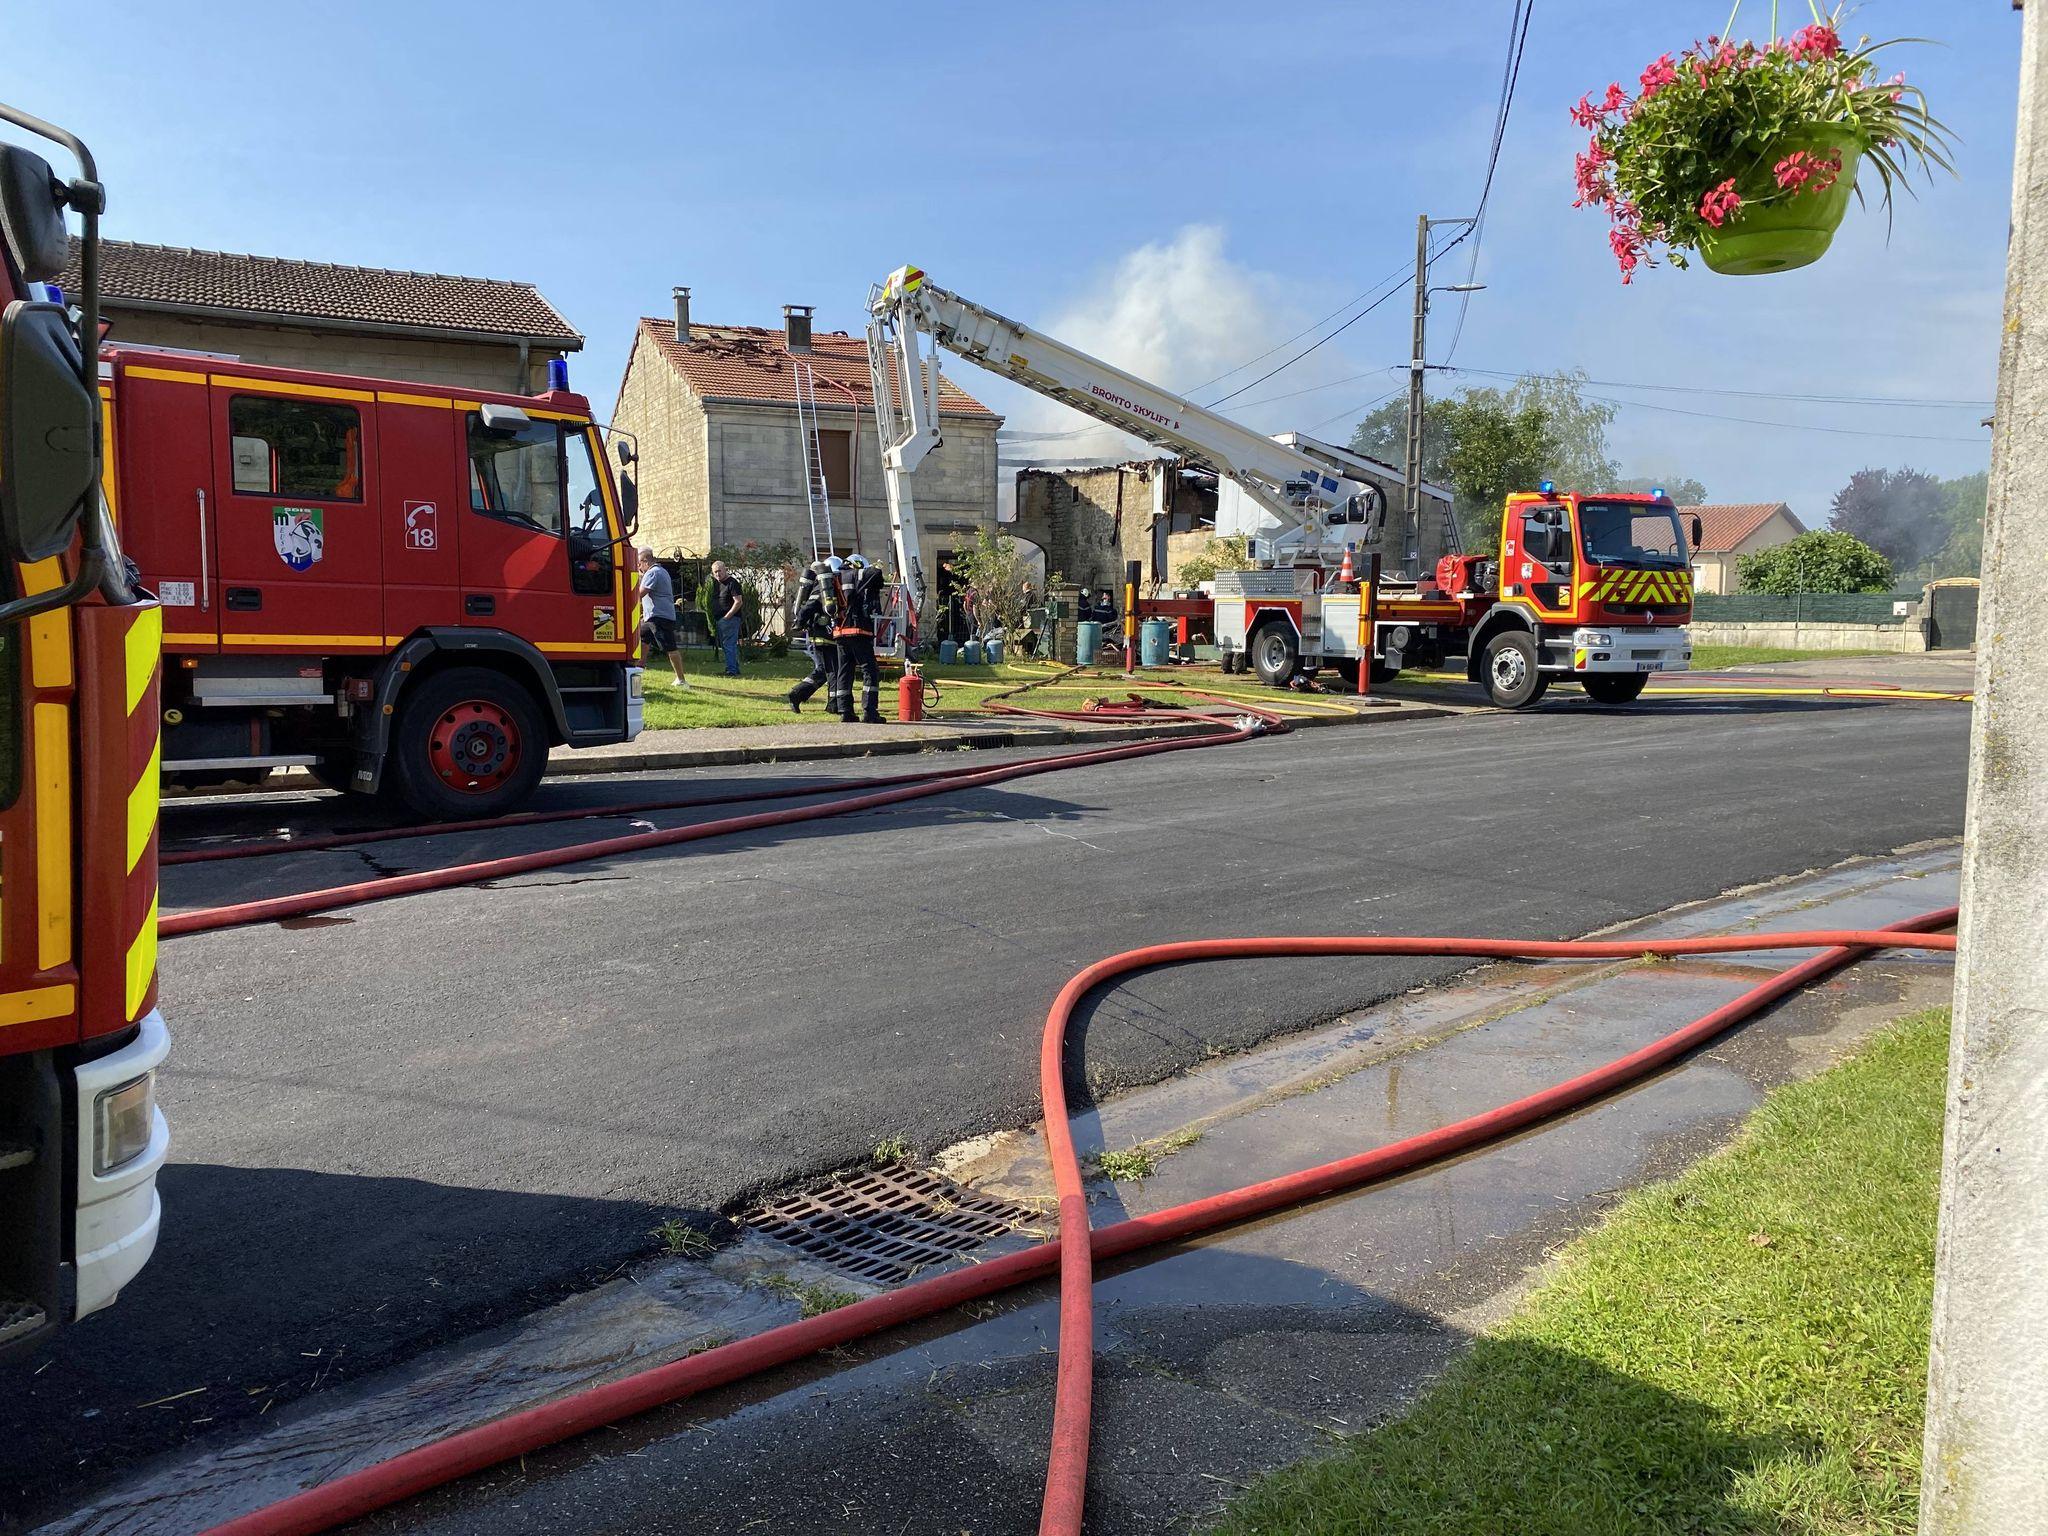 Incendie d'une grange à Aulnois en Perthois dans le Meuse, intervention des pompiers